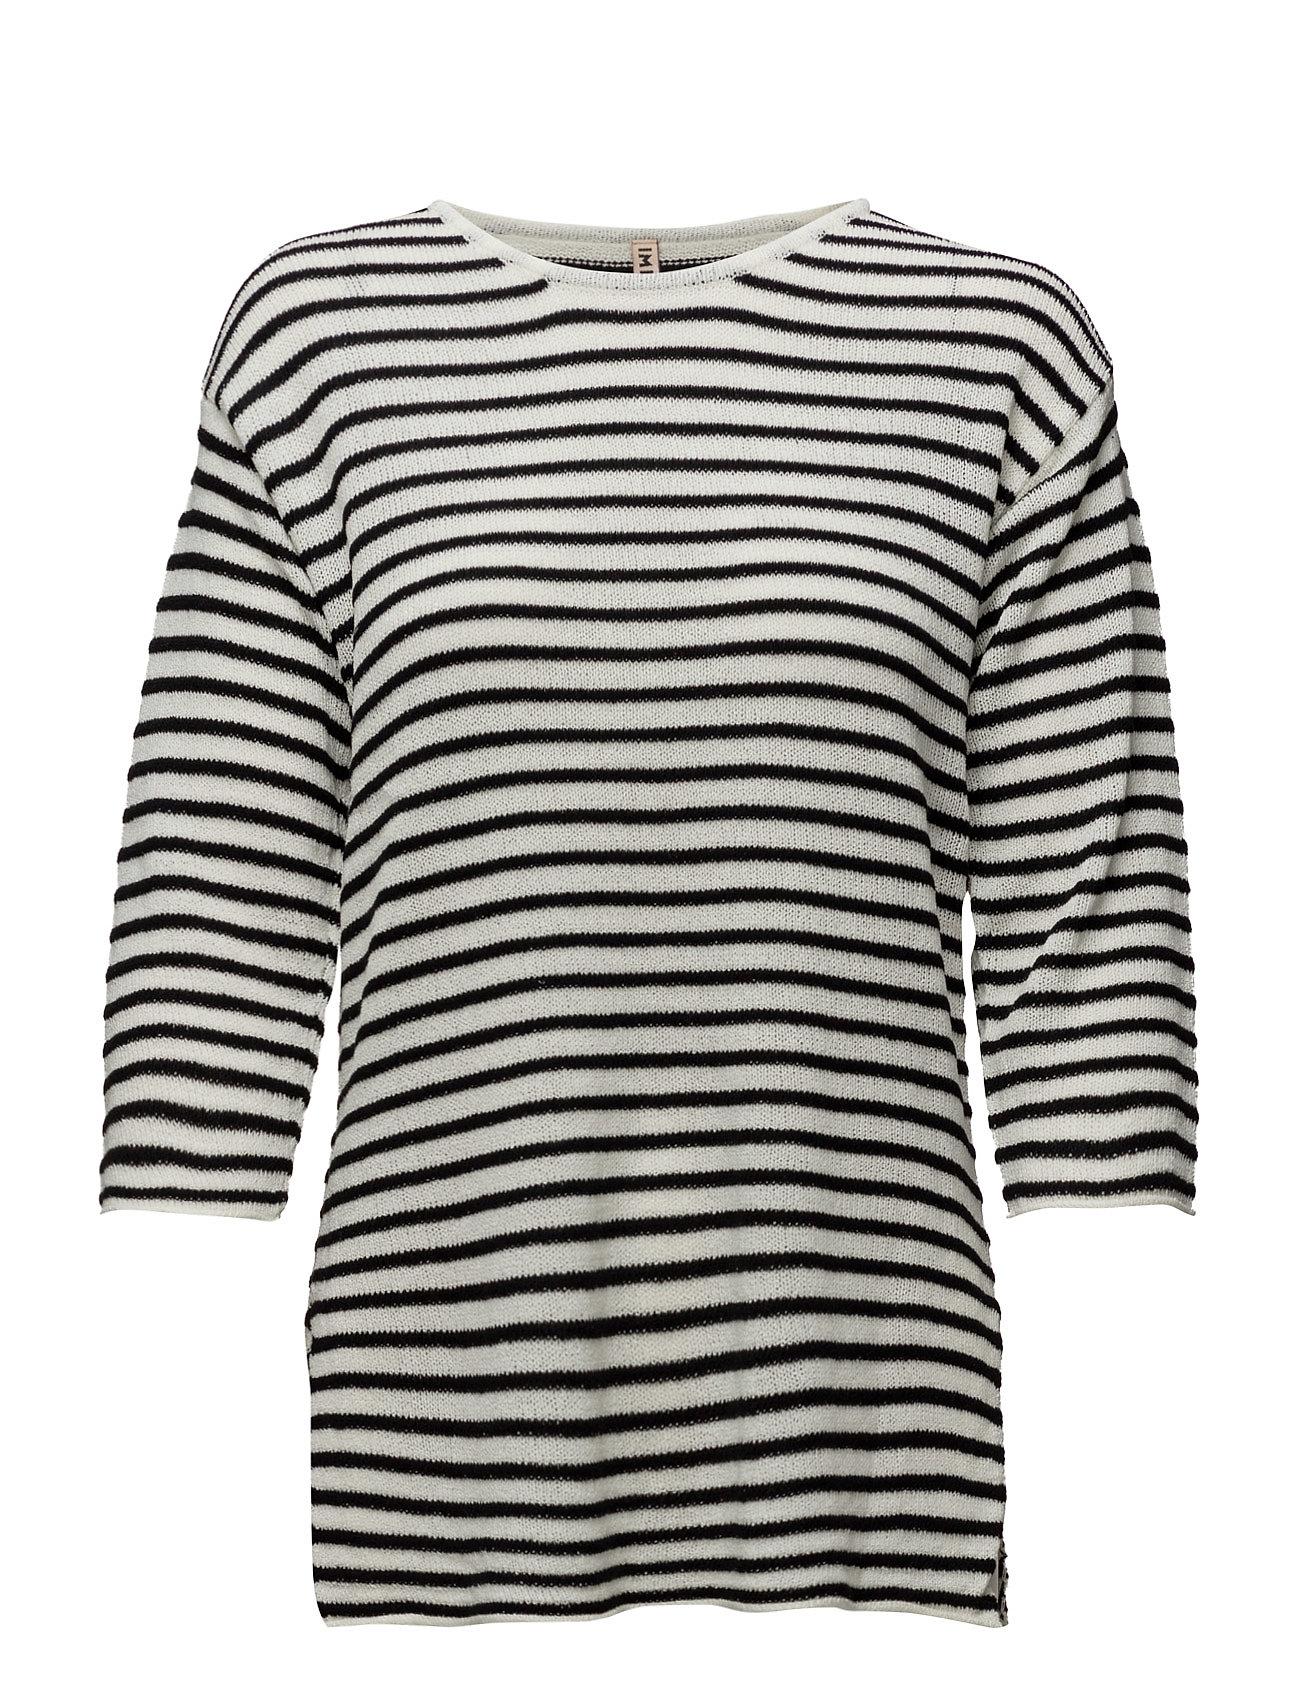 imitz – Pullover-knit summer på boozt.com dk